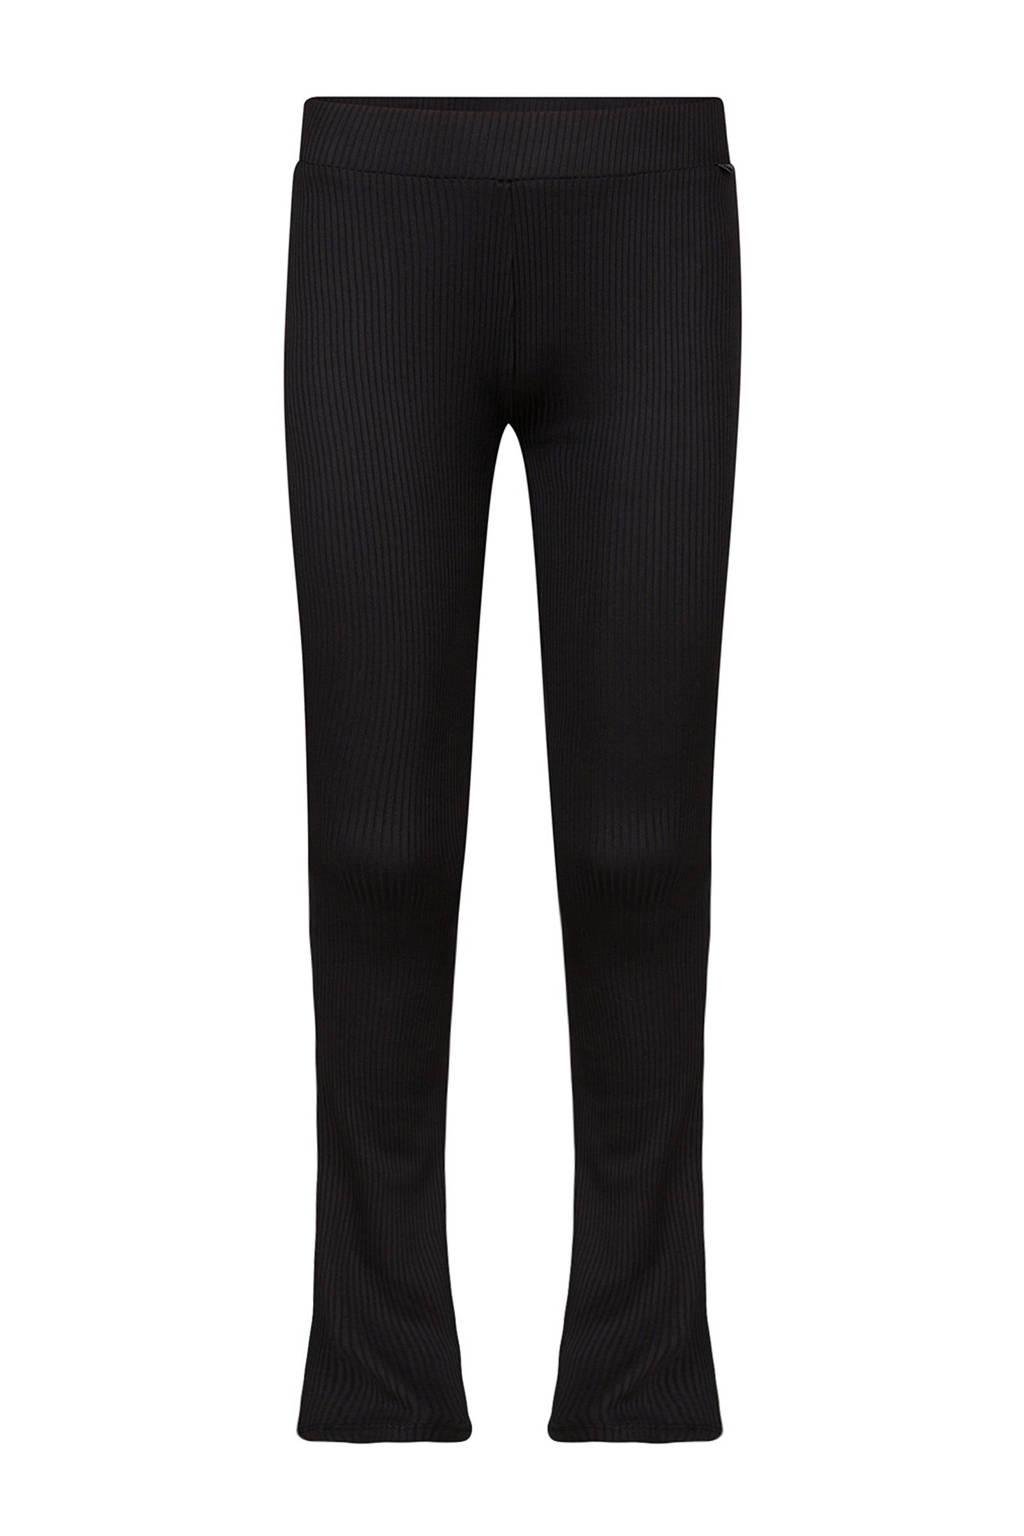 WE Fashion flared broek zwart, Black Uni